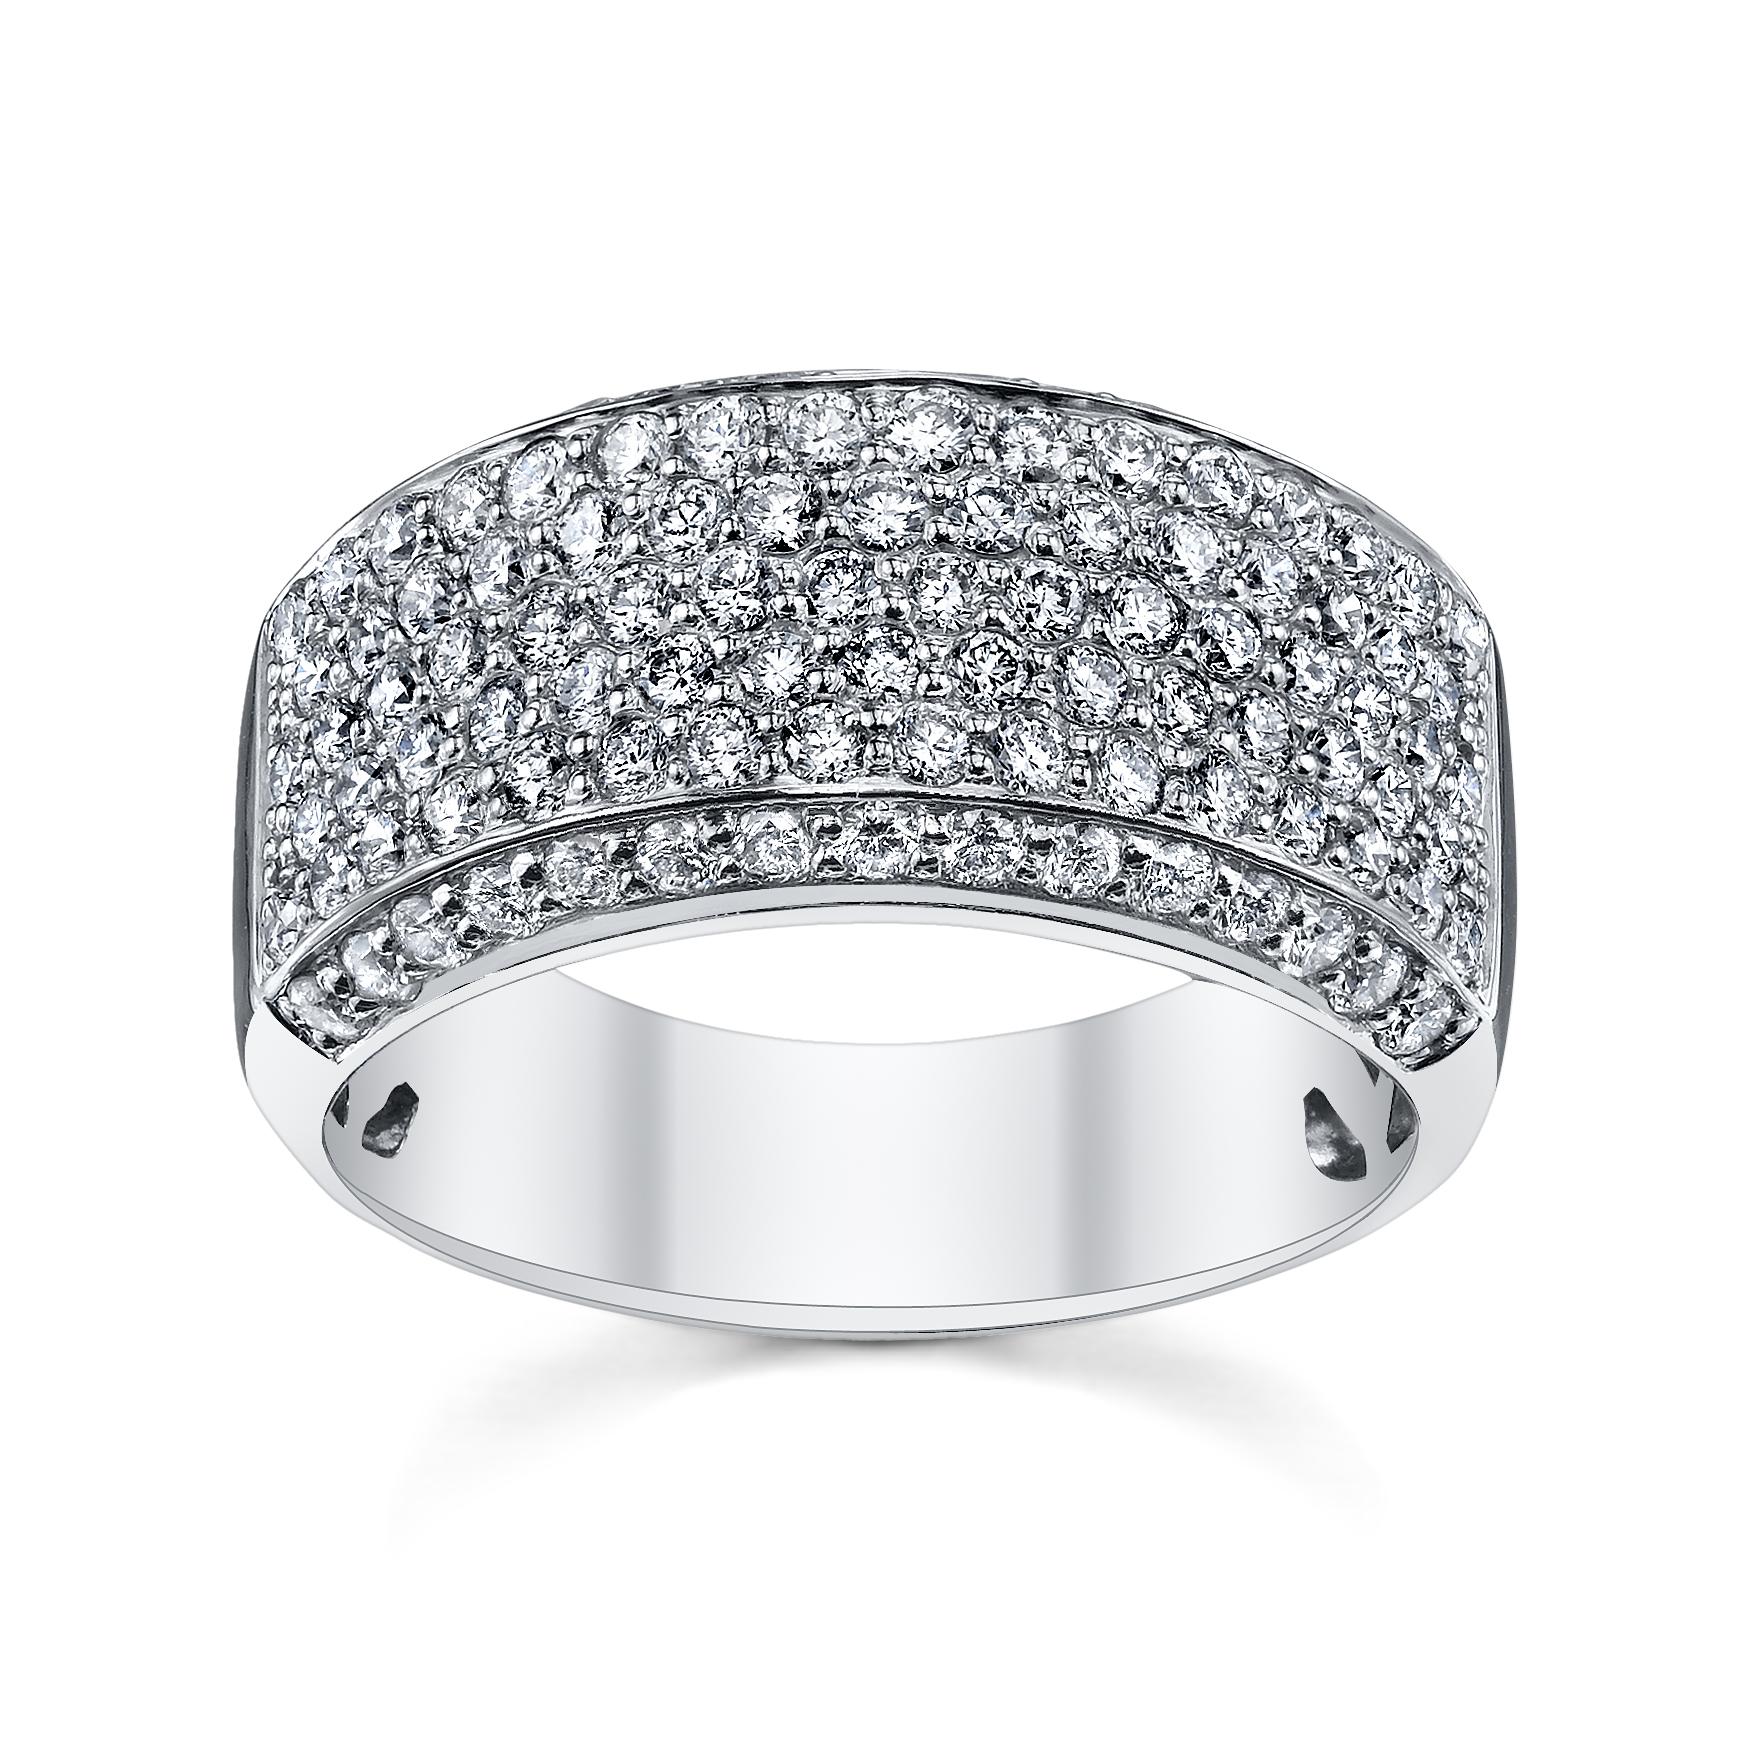 Micro Pave Diamond Anniversary Ring (sku 0388638)